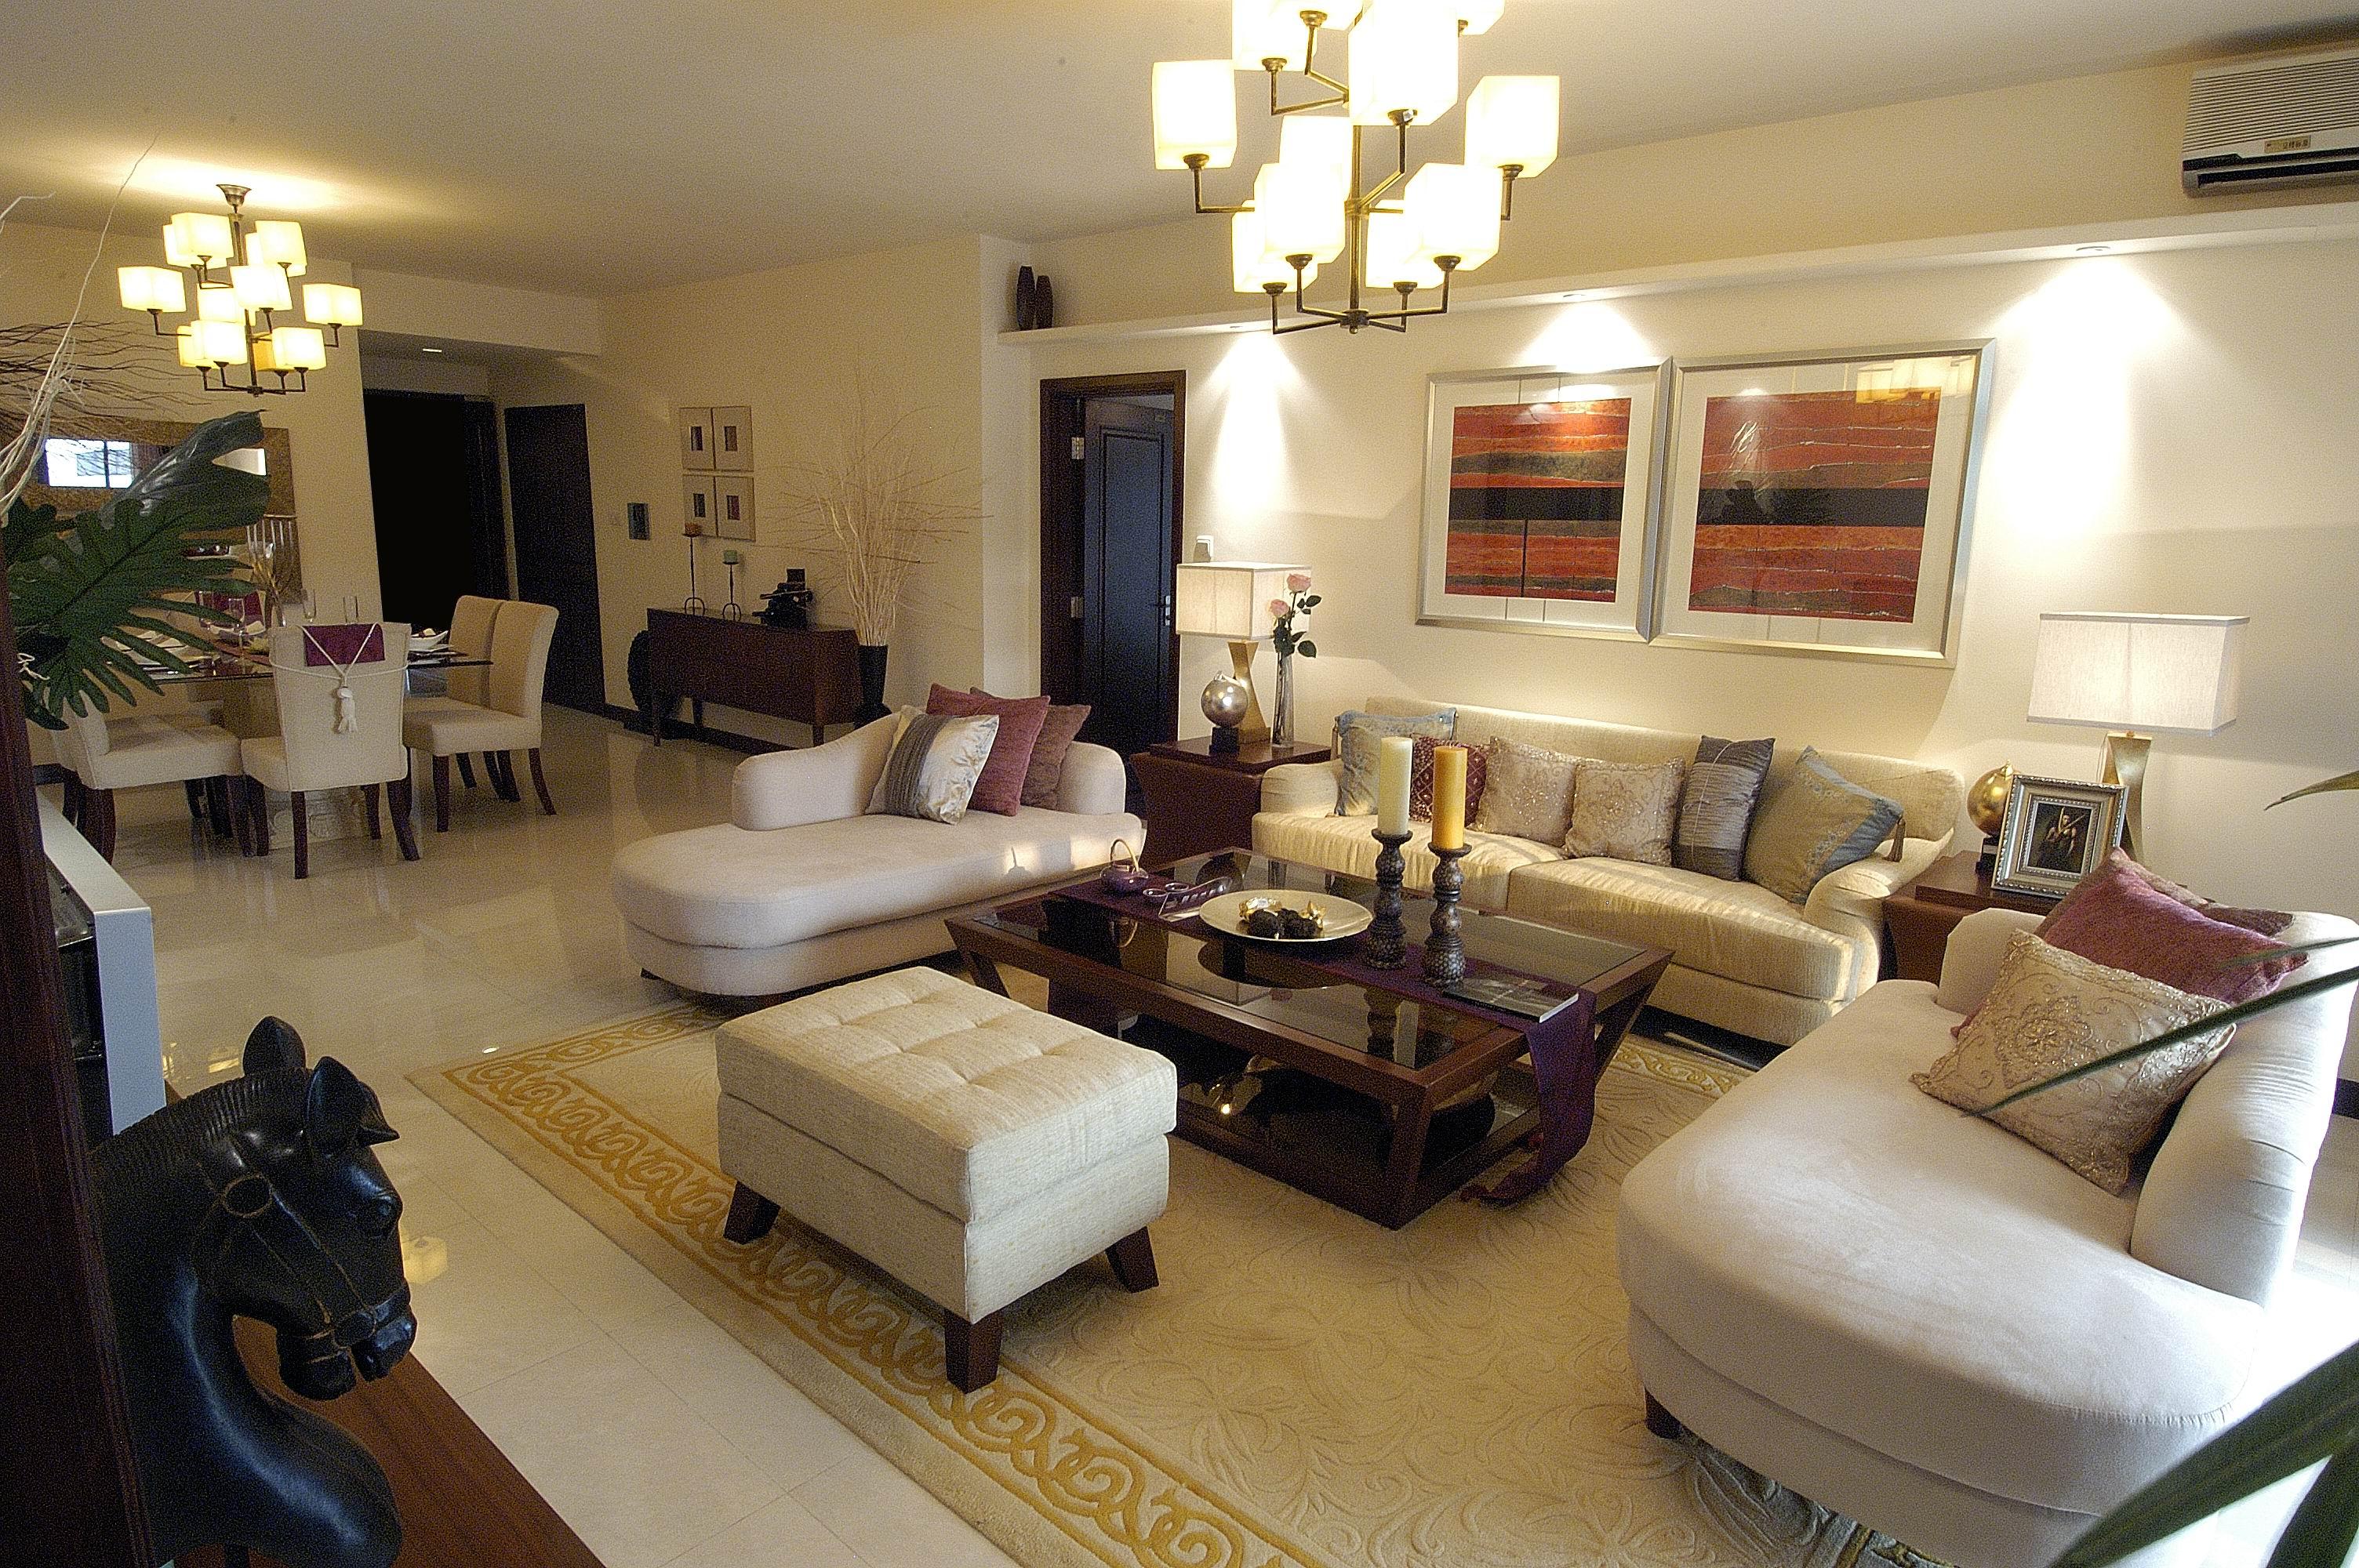 烟台家庭装修设计公司科瑞装饰 欧式美式现代风格效果图